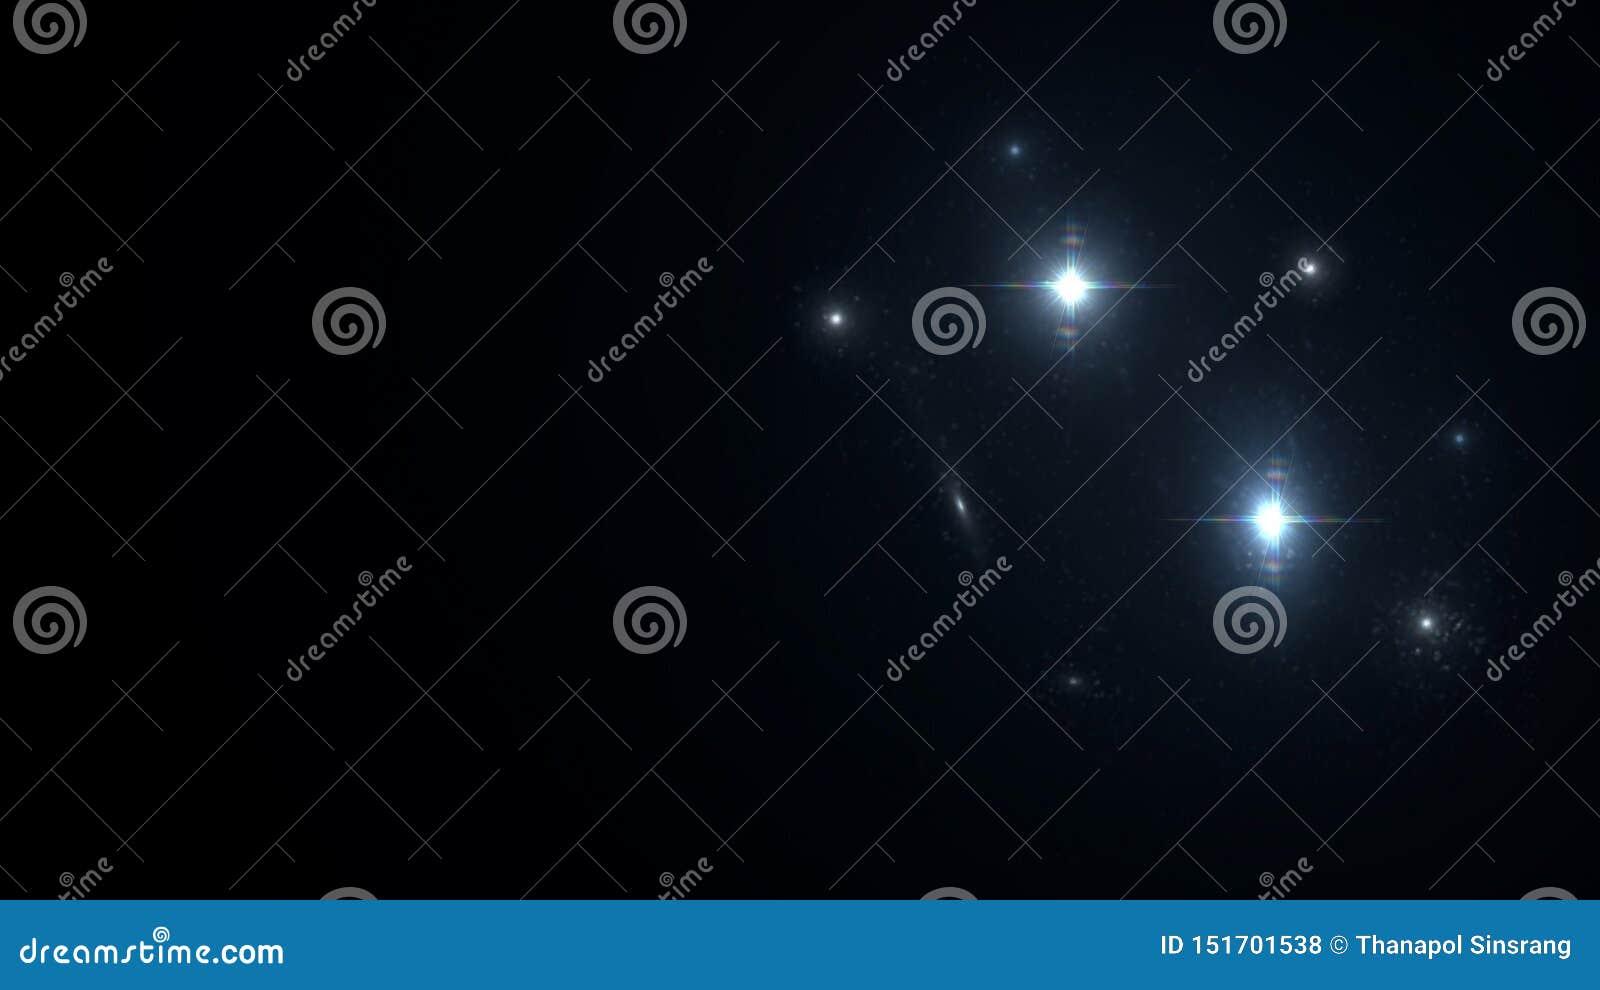 宇宙所有现有的问题和空间考虑了整体上波斯菊